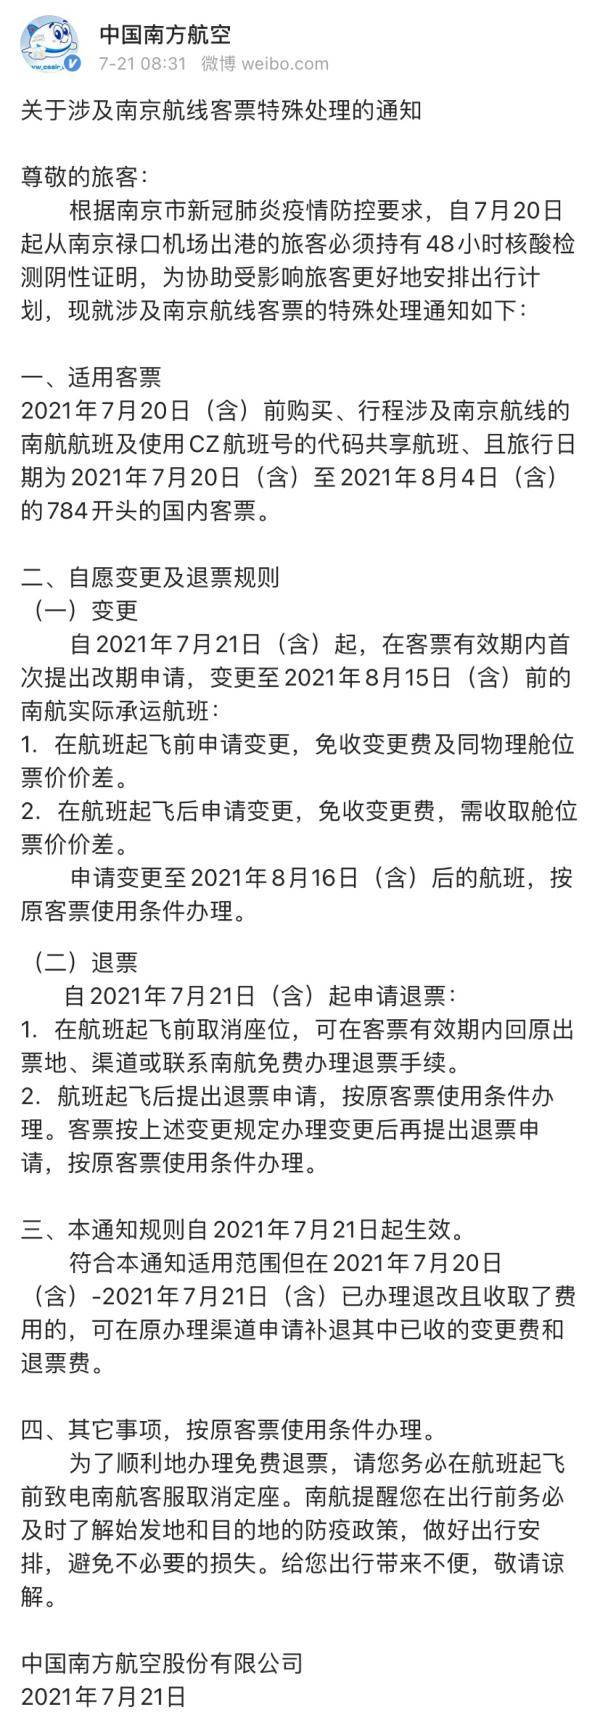 东航、南航、吉航发布涉及南京航班的退改签政策